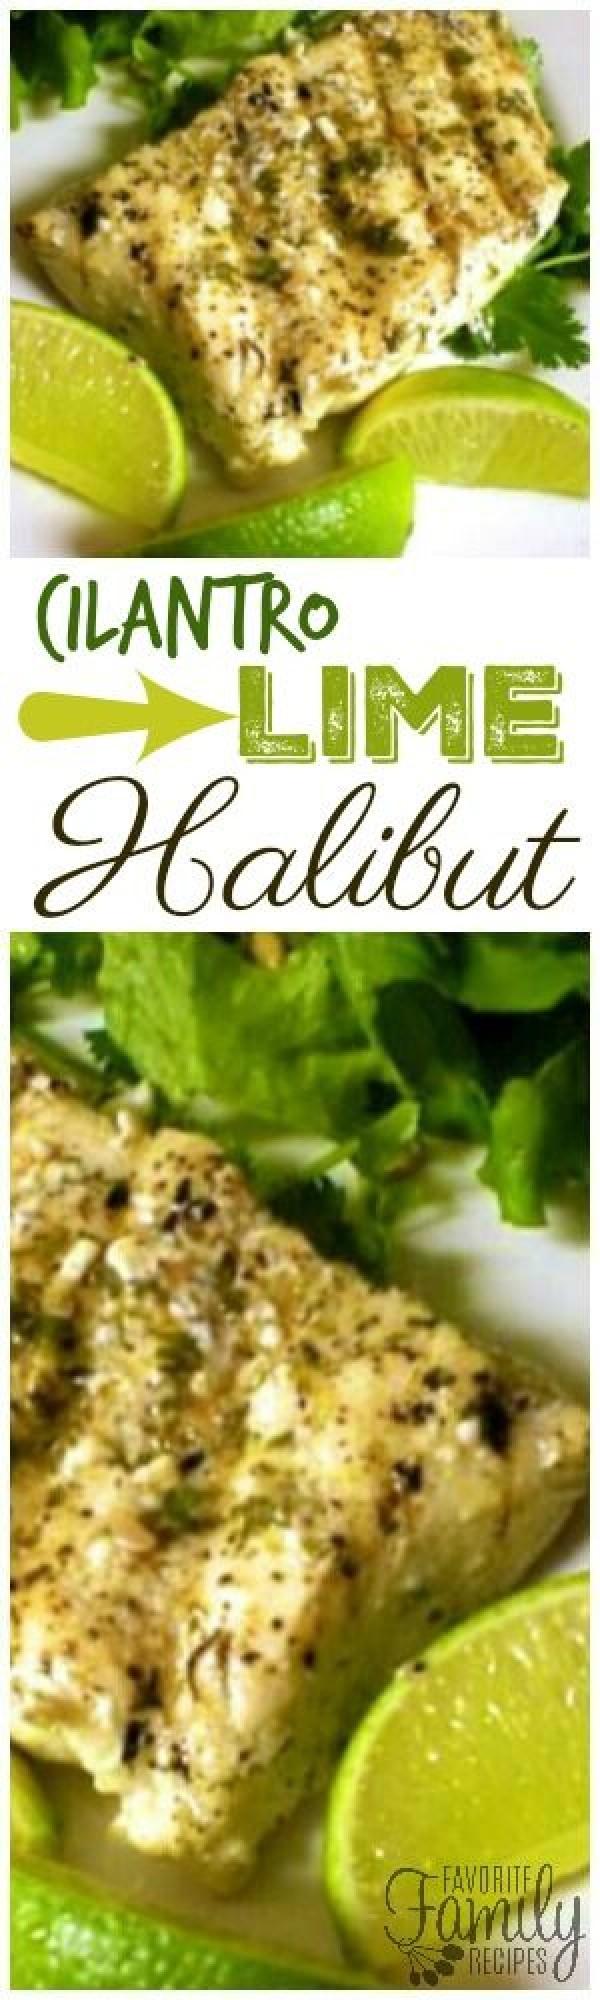 Check out this recipe for cilantro lime halibut. Yummy! #RecipeIdeas @recipes_to_go